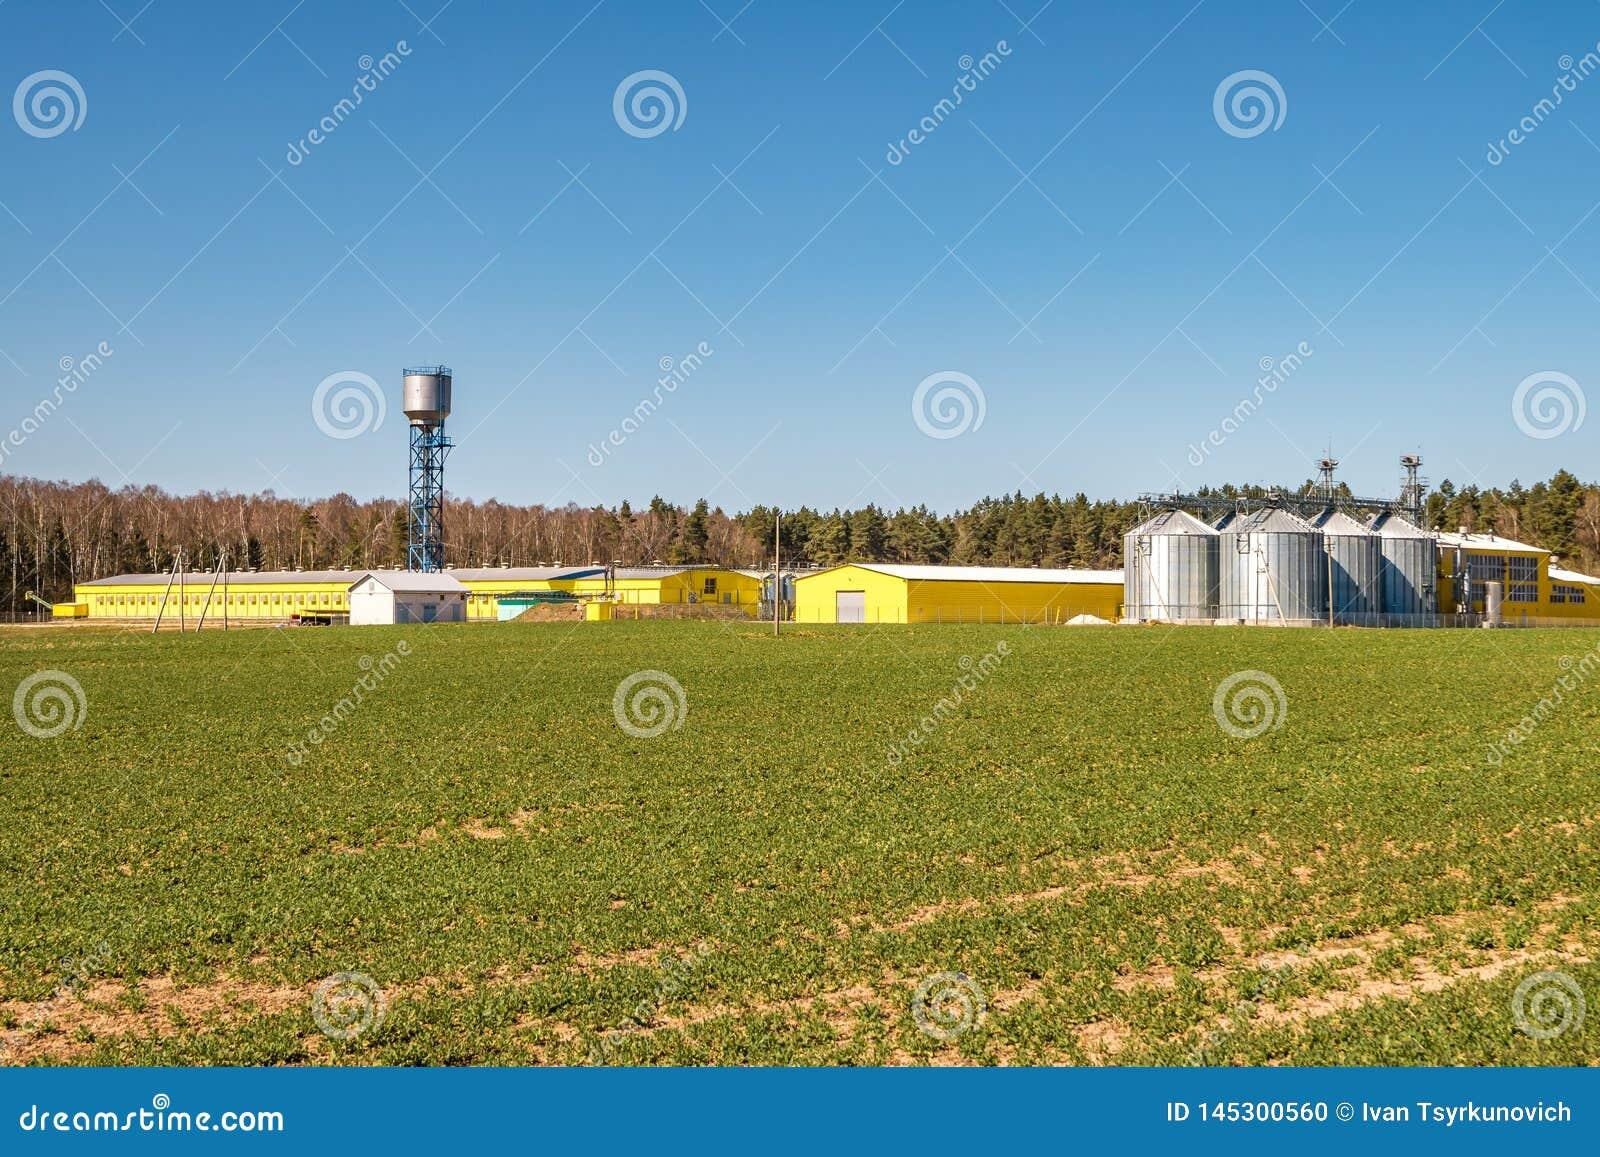 Агро-обработка завода для обработки и силосохранилищ для чистки засыхания и хранения сельскохозяйственных продуктов, муки, хлопье